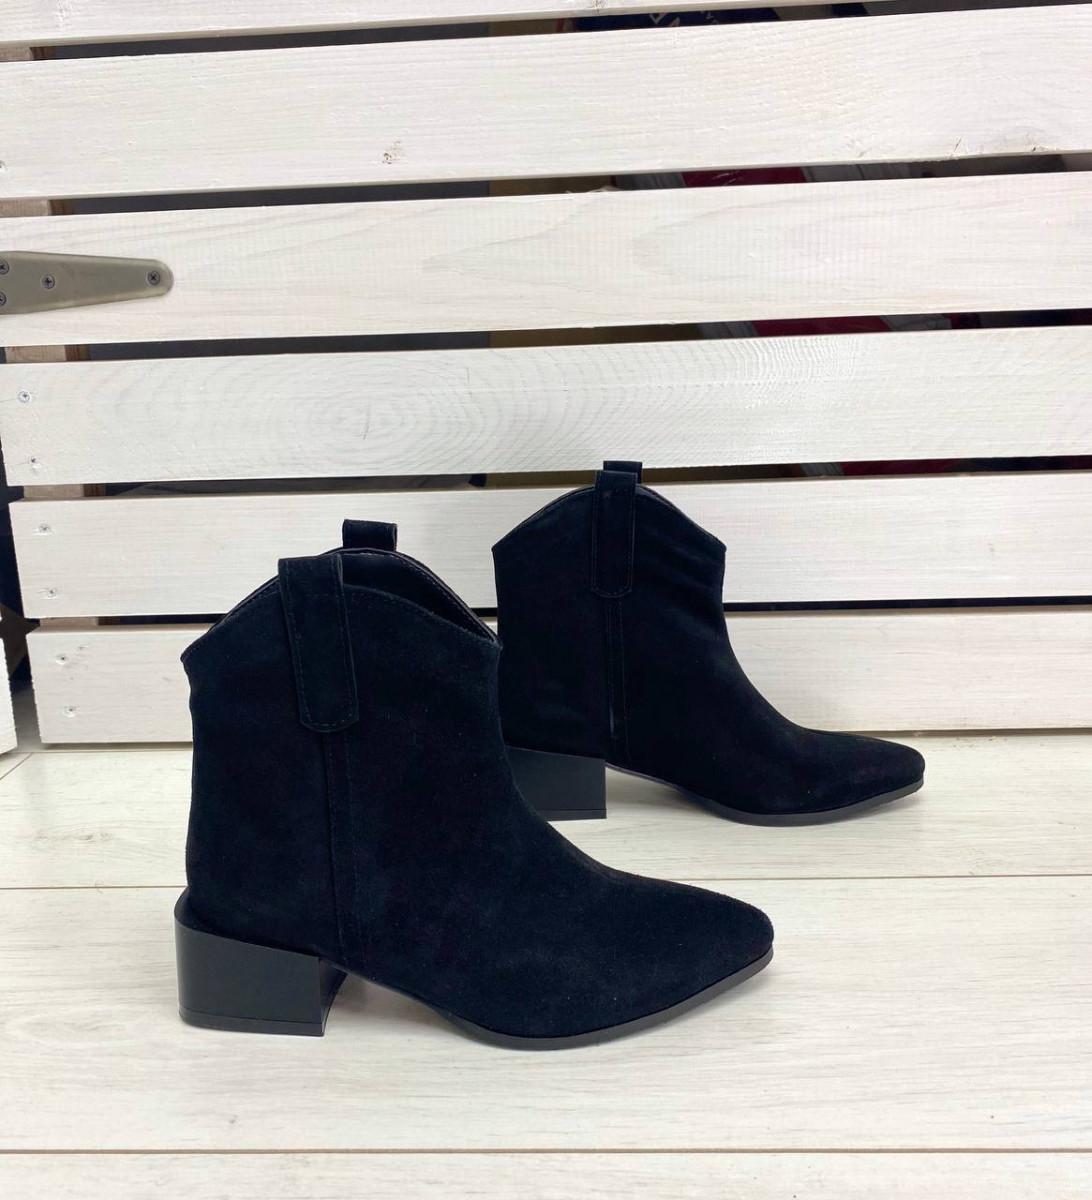 Ботильоны женские замшевые черные на небольшом каблуке